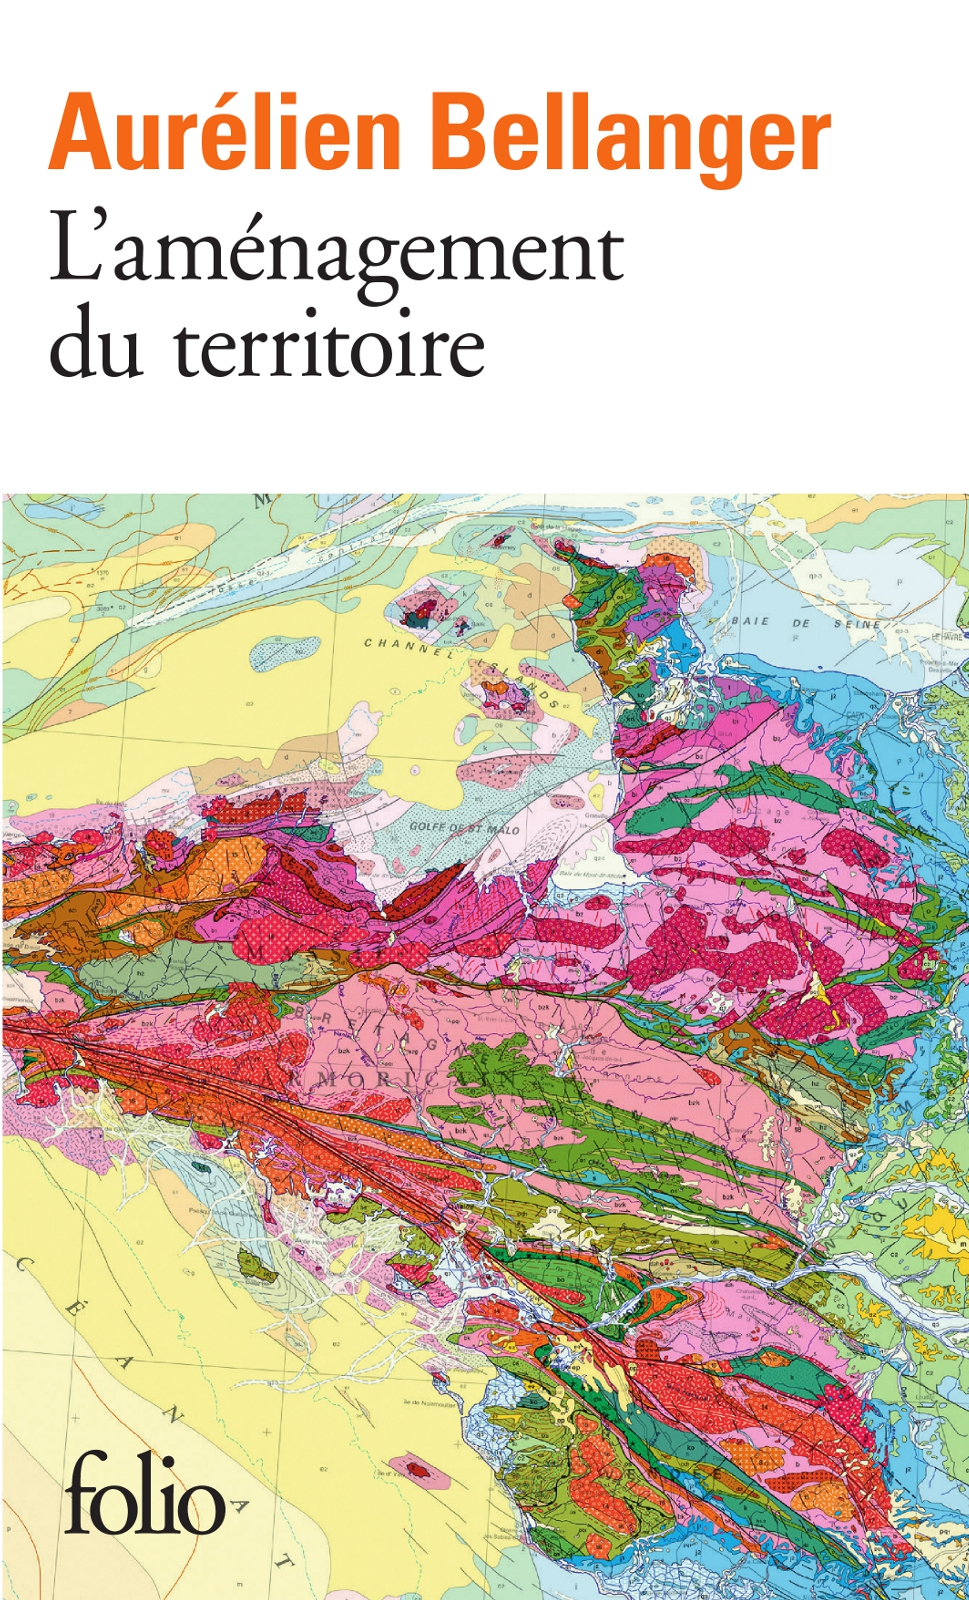 L'aménagement du territoire